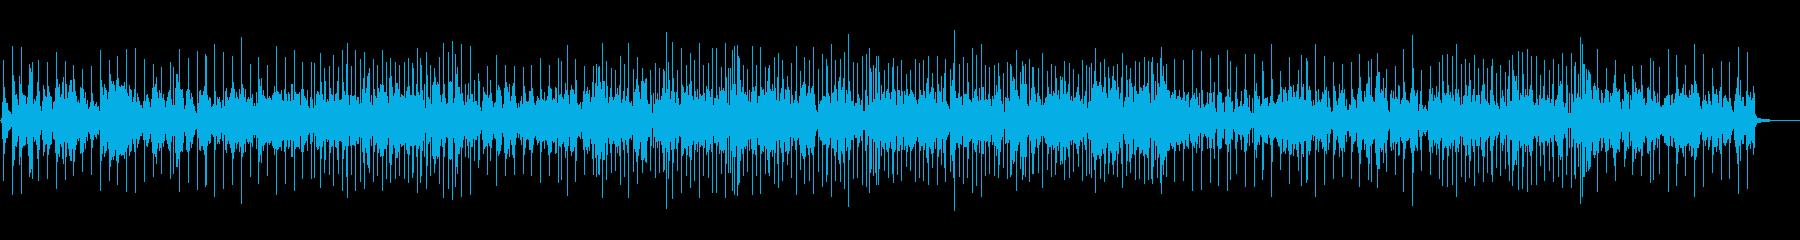 哀愁のある落ち着いたカントリージャズの再生済みの波形